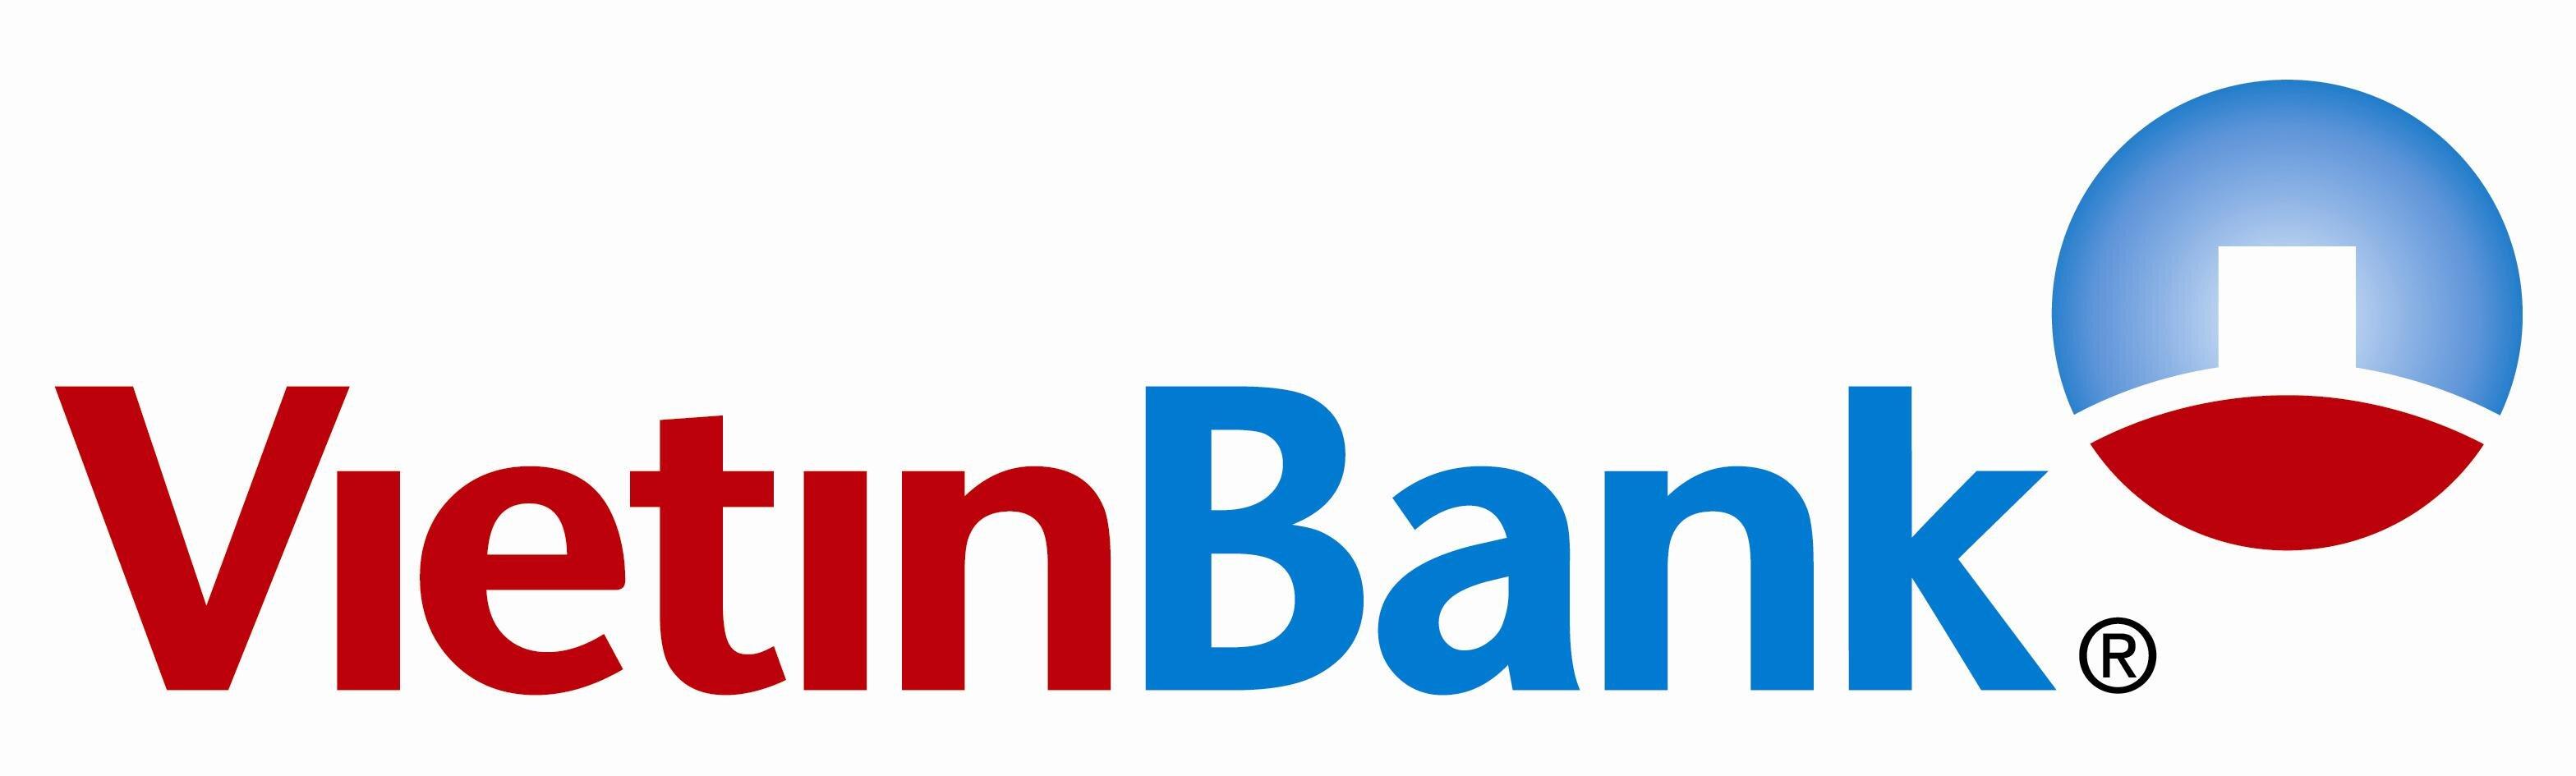 Hướng dẫn thủ tục vay vốn kinh doanh nhỏ ngân hàng Vietinbank